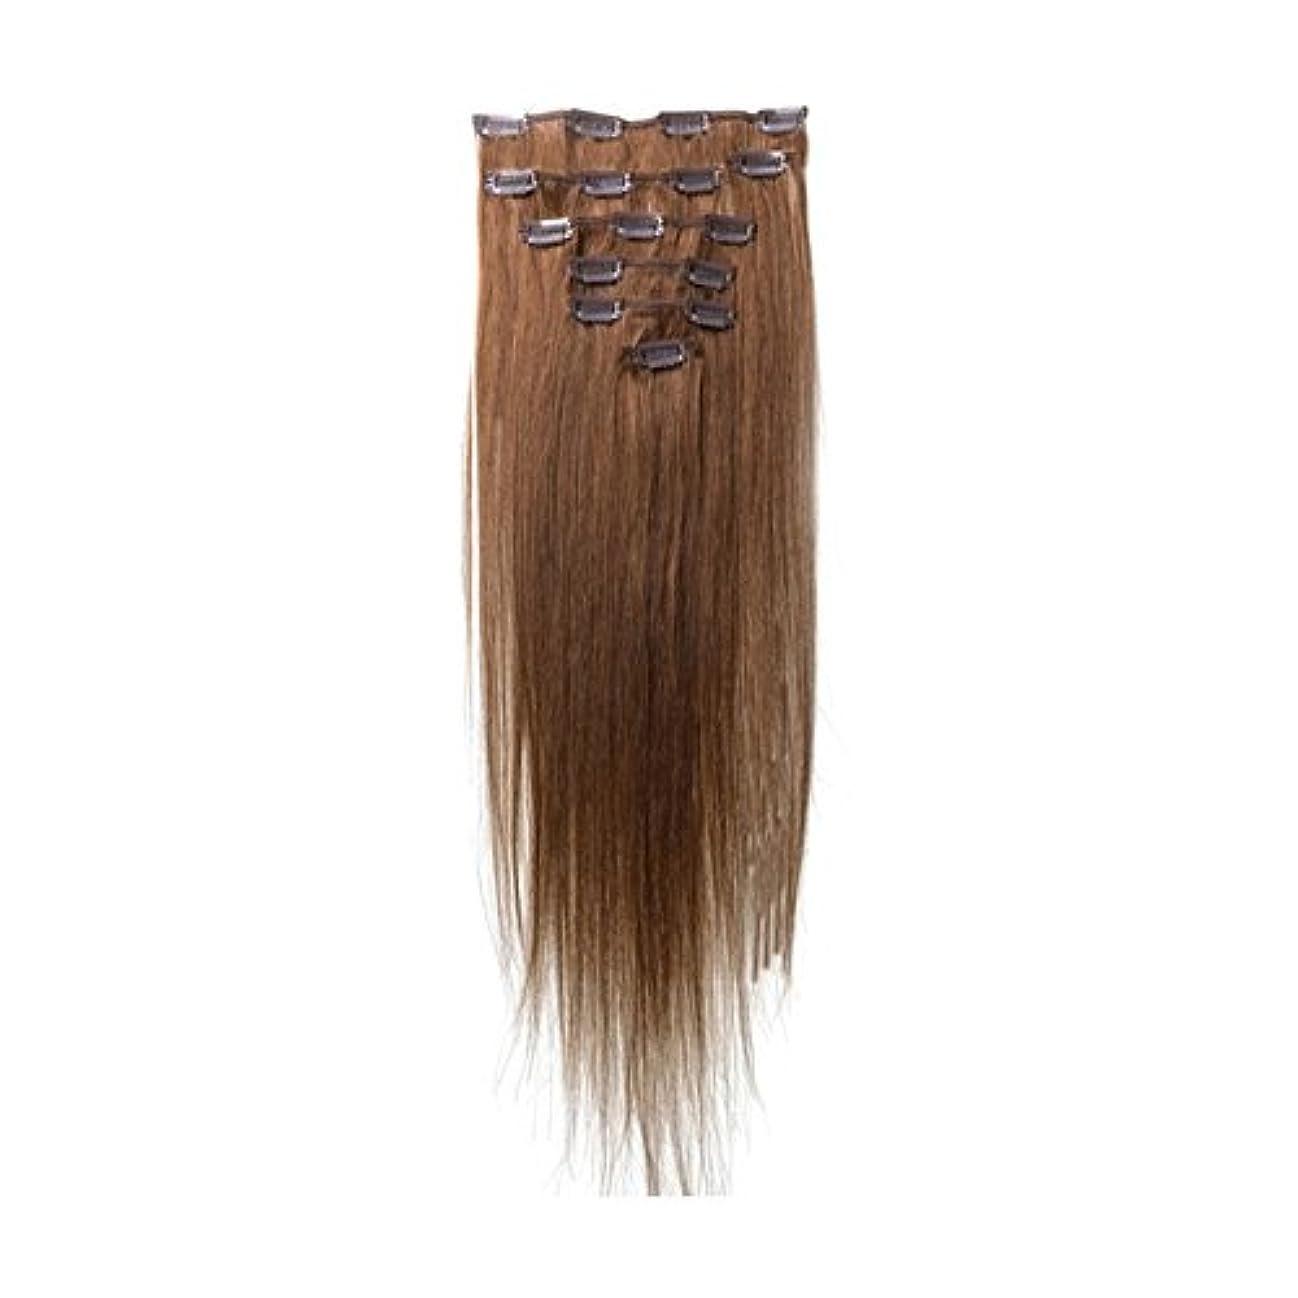 素子運命的なテキストヘアエクステンション,SODIAL(R) 女性の人間の髪 クリップインヘアエクステンション 7件 70g 15インチ ライトブラウン